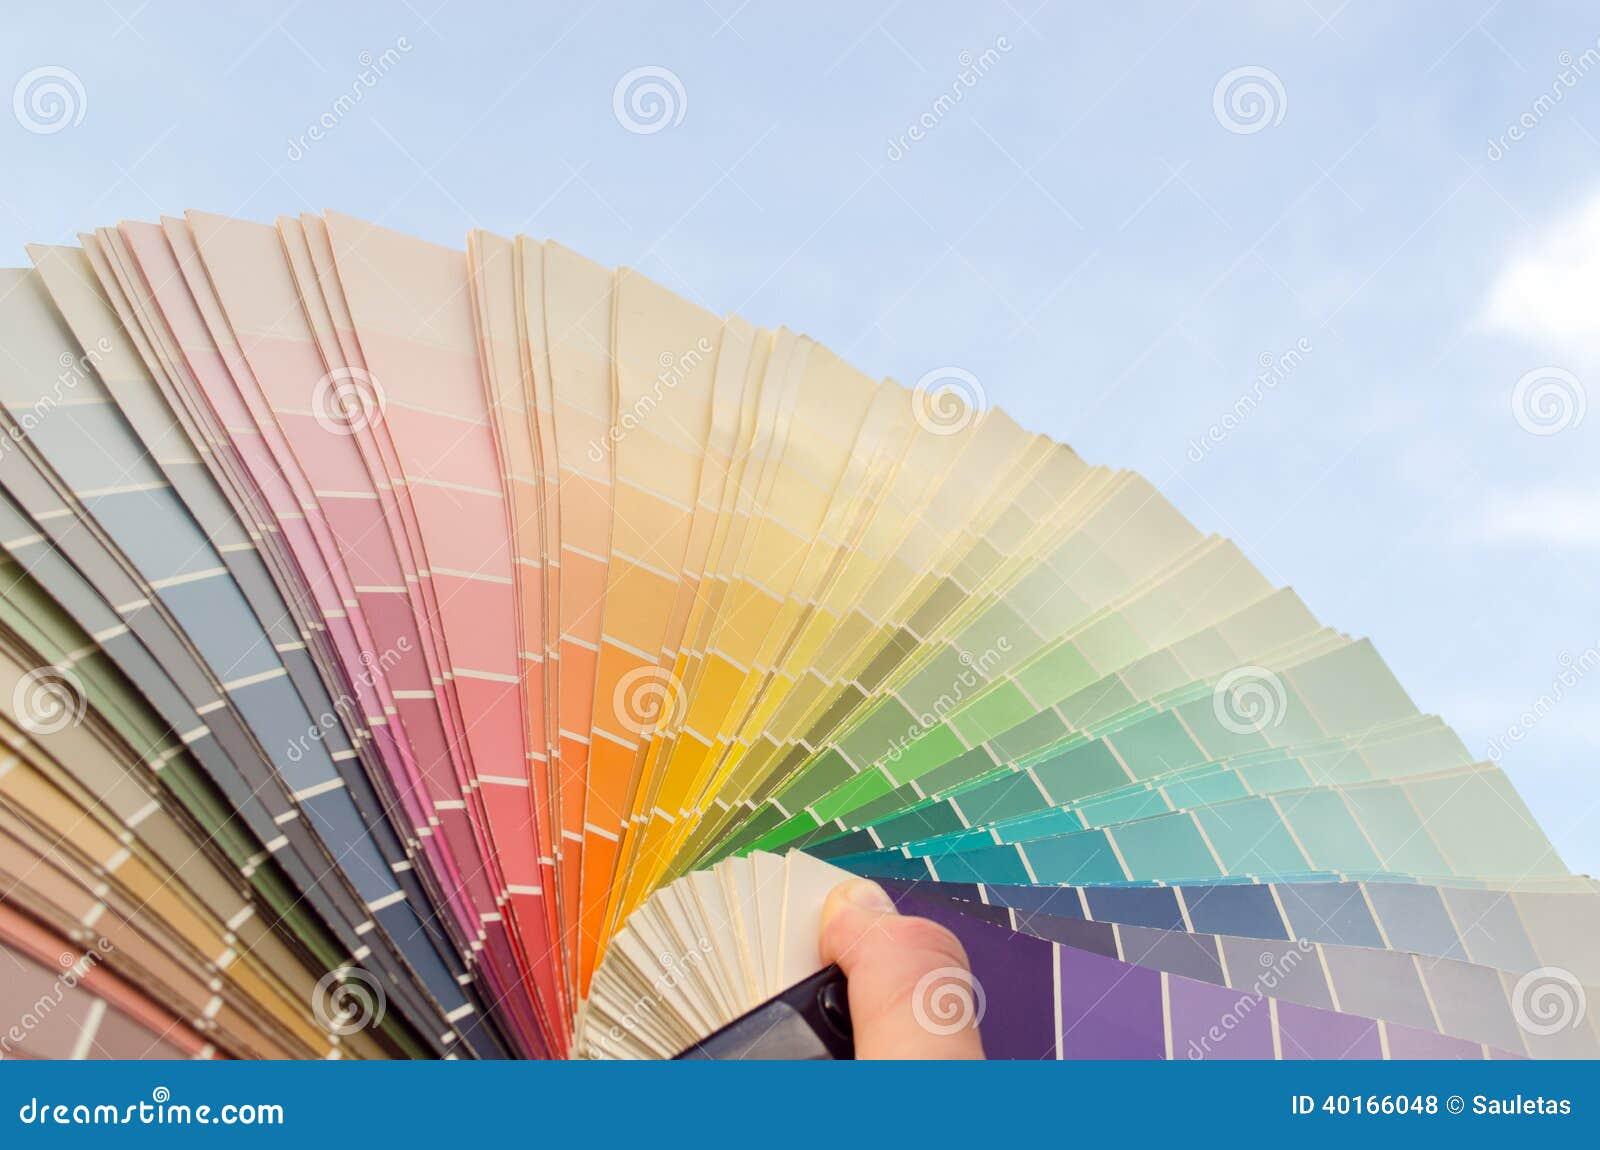 Color palette samples on blue sky background